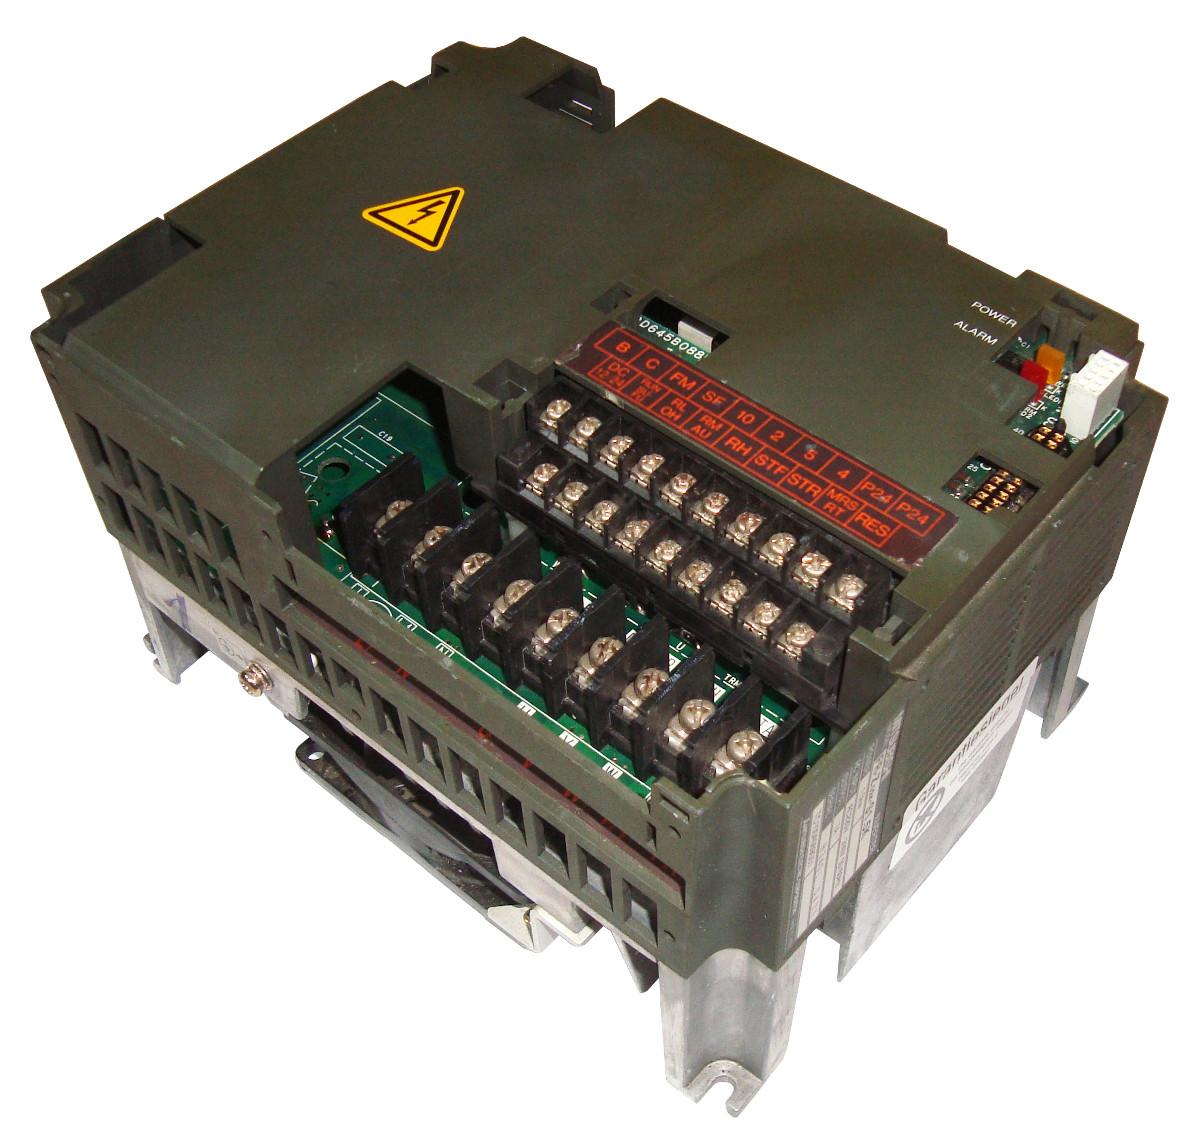 SHOP, Kaufen: MITSUBISHI ELECTRIC FR-Z024-S1.5K FREQUENZUMFORMER